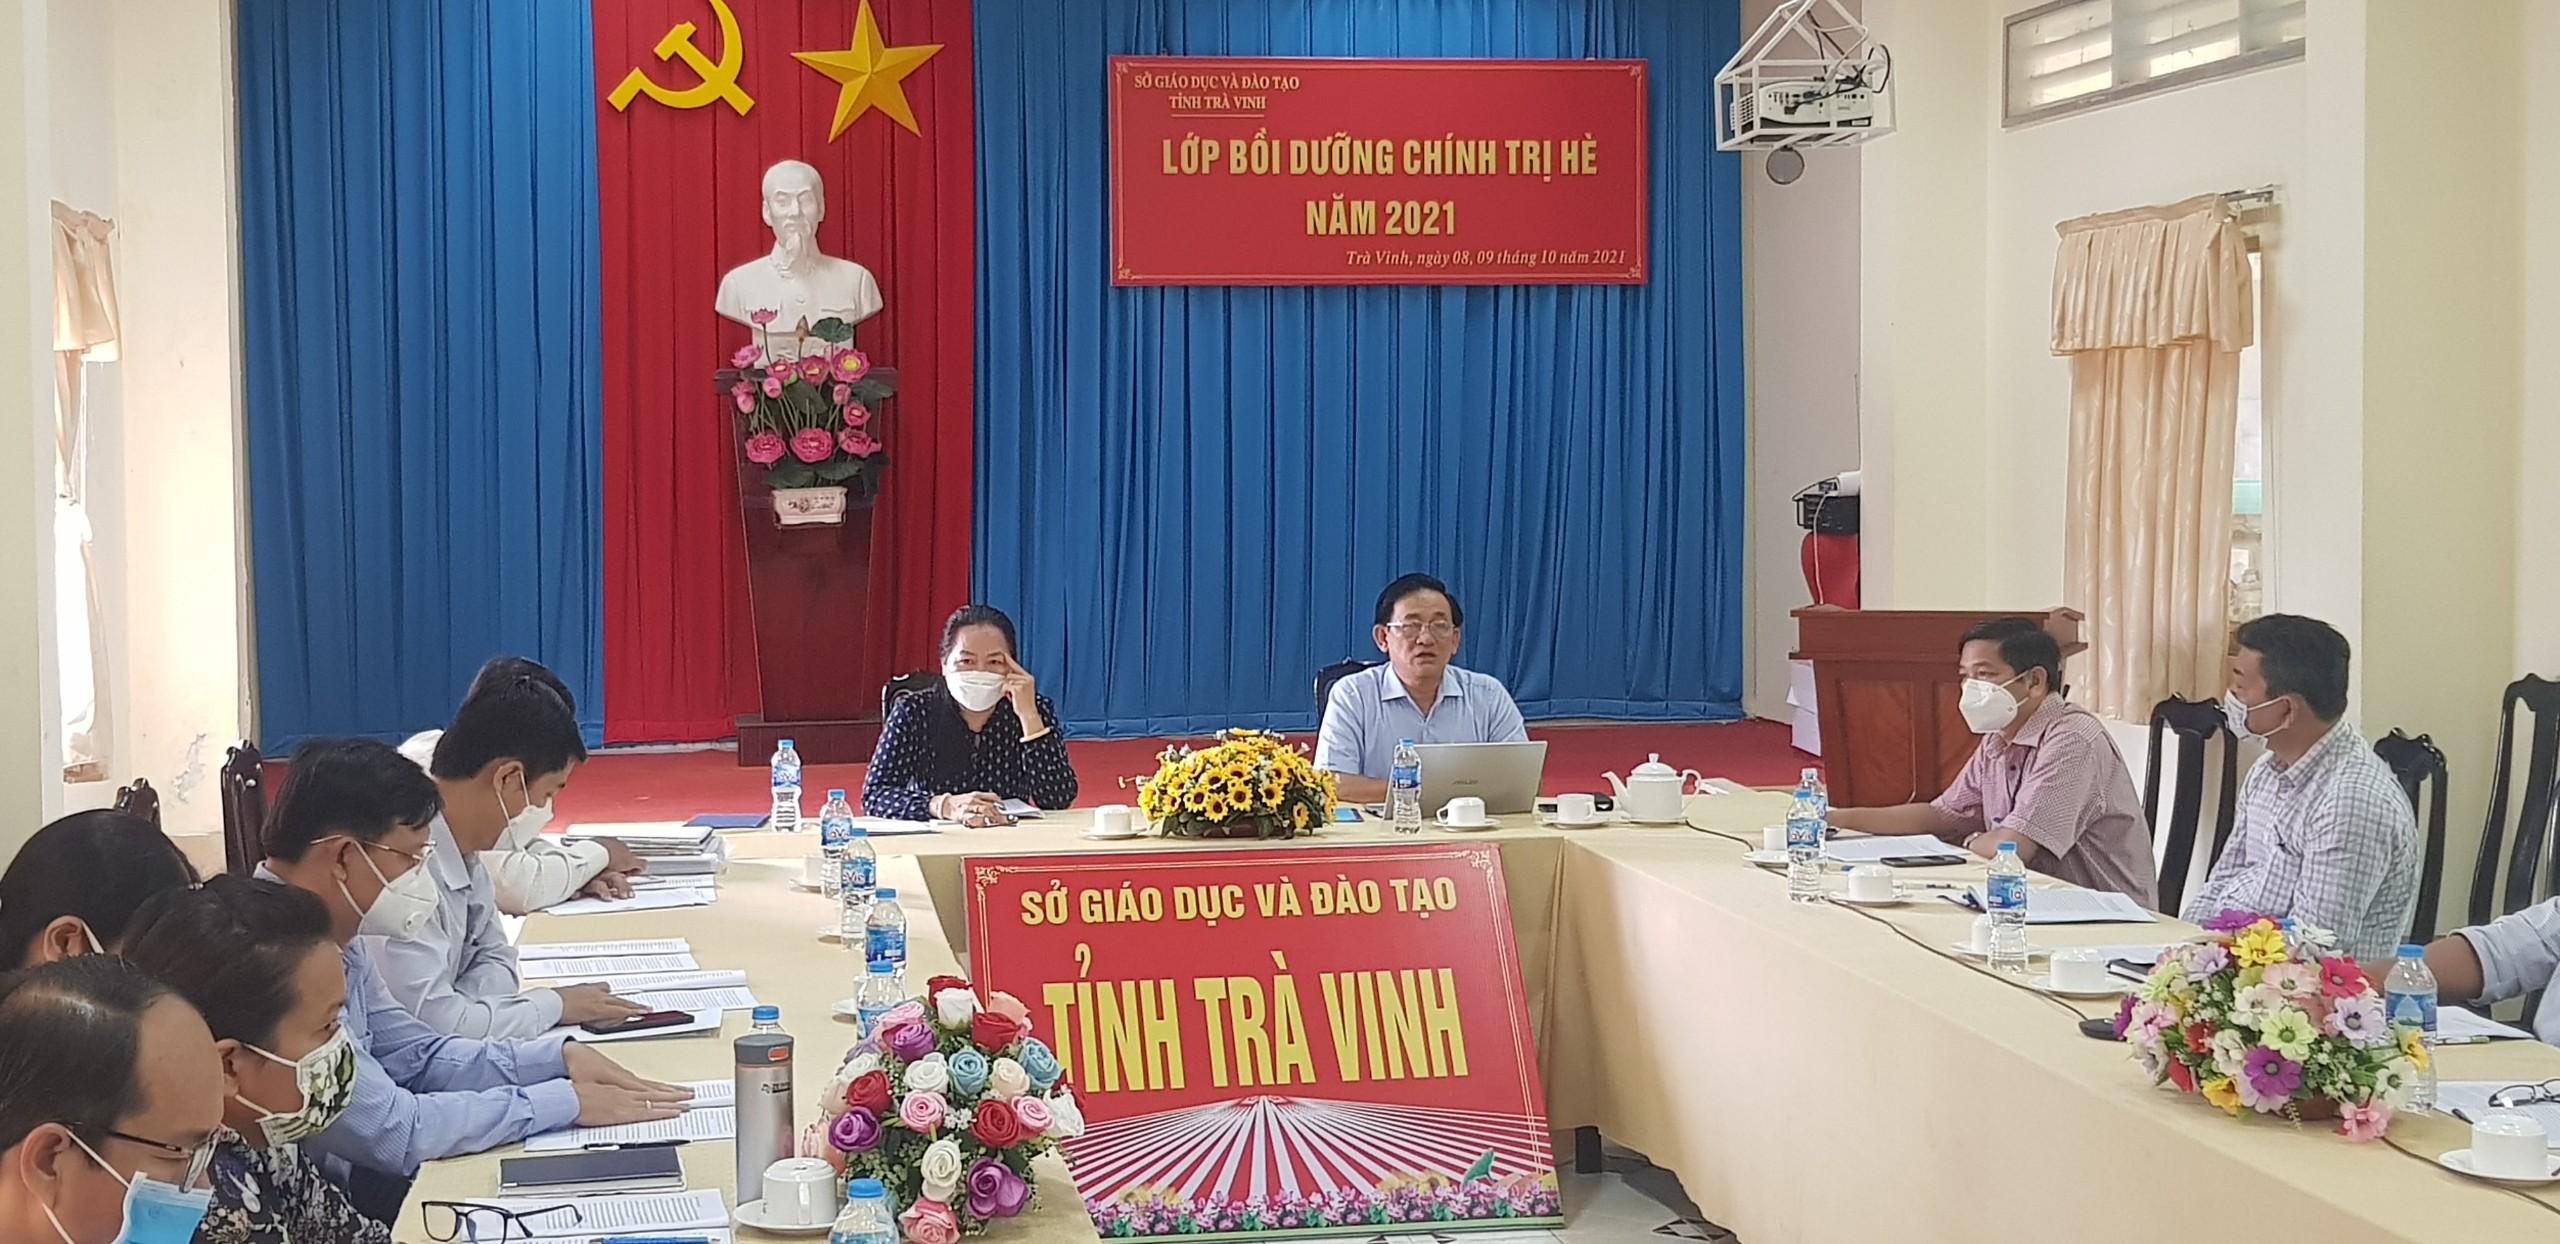 Sở Giáo dục và Đào tạo Trà Vinh tổ chức học tập chính trị hè năm 2021